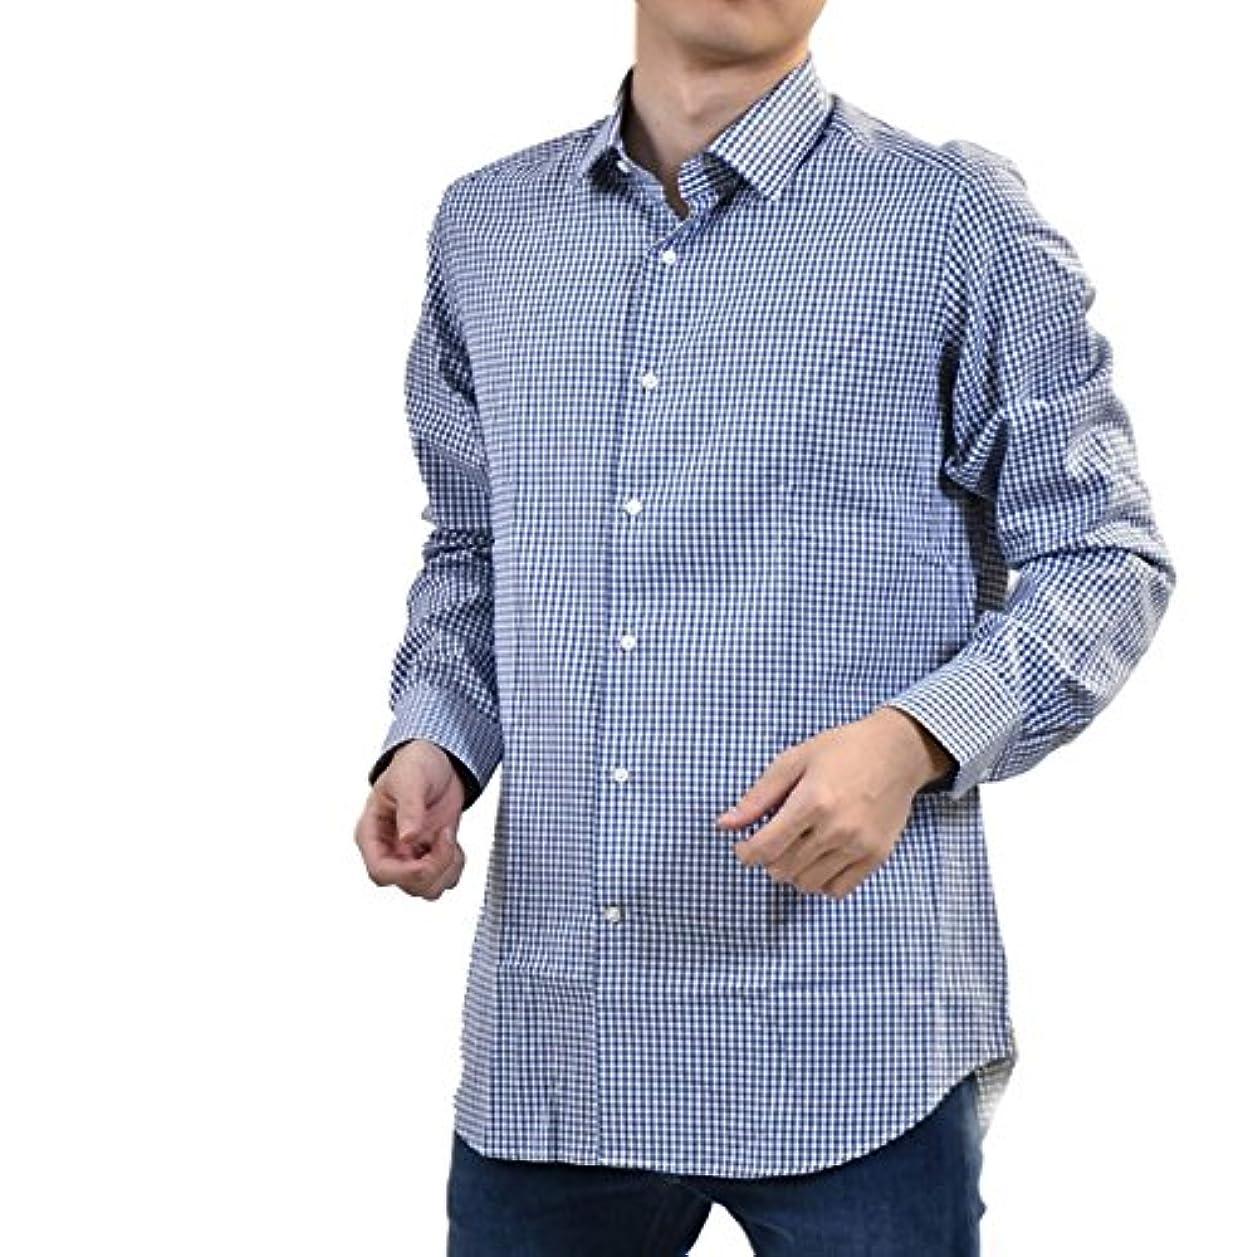 血隣接する先駆者(チット) CIT LUXURY セミワイドカラーシャツ 40 ブルー [並行輸入品]